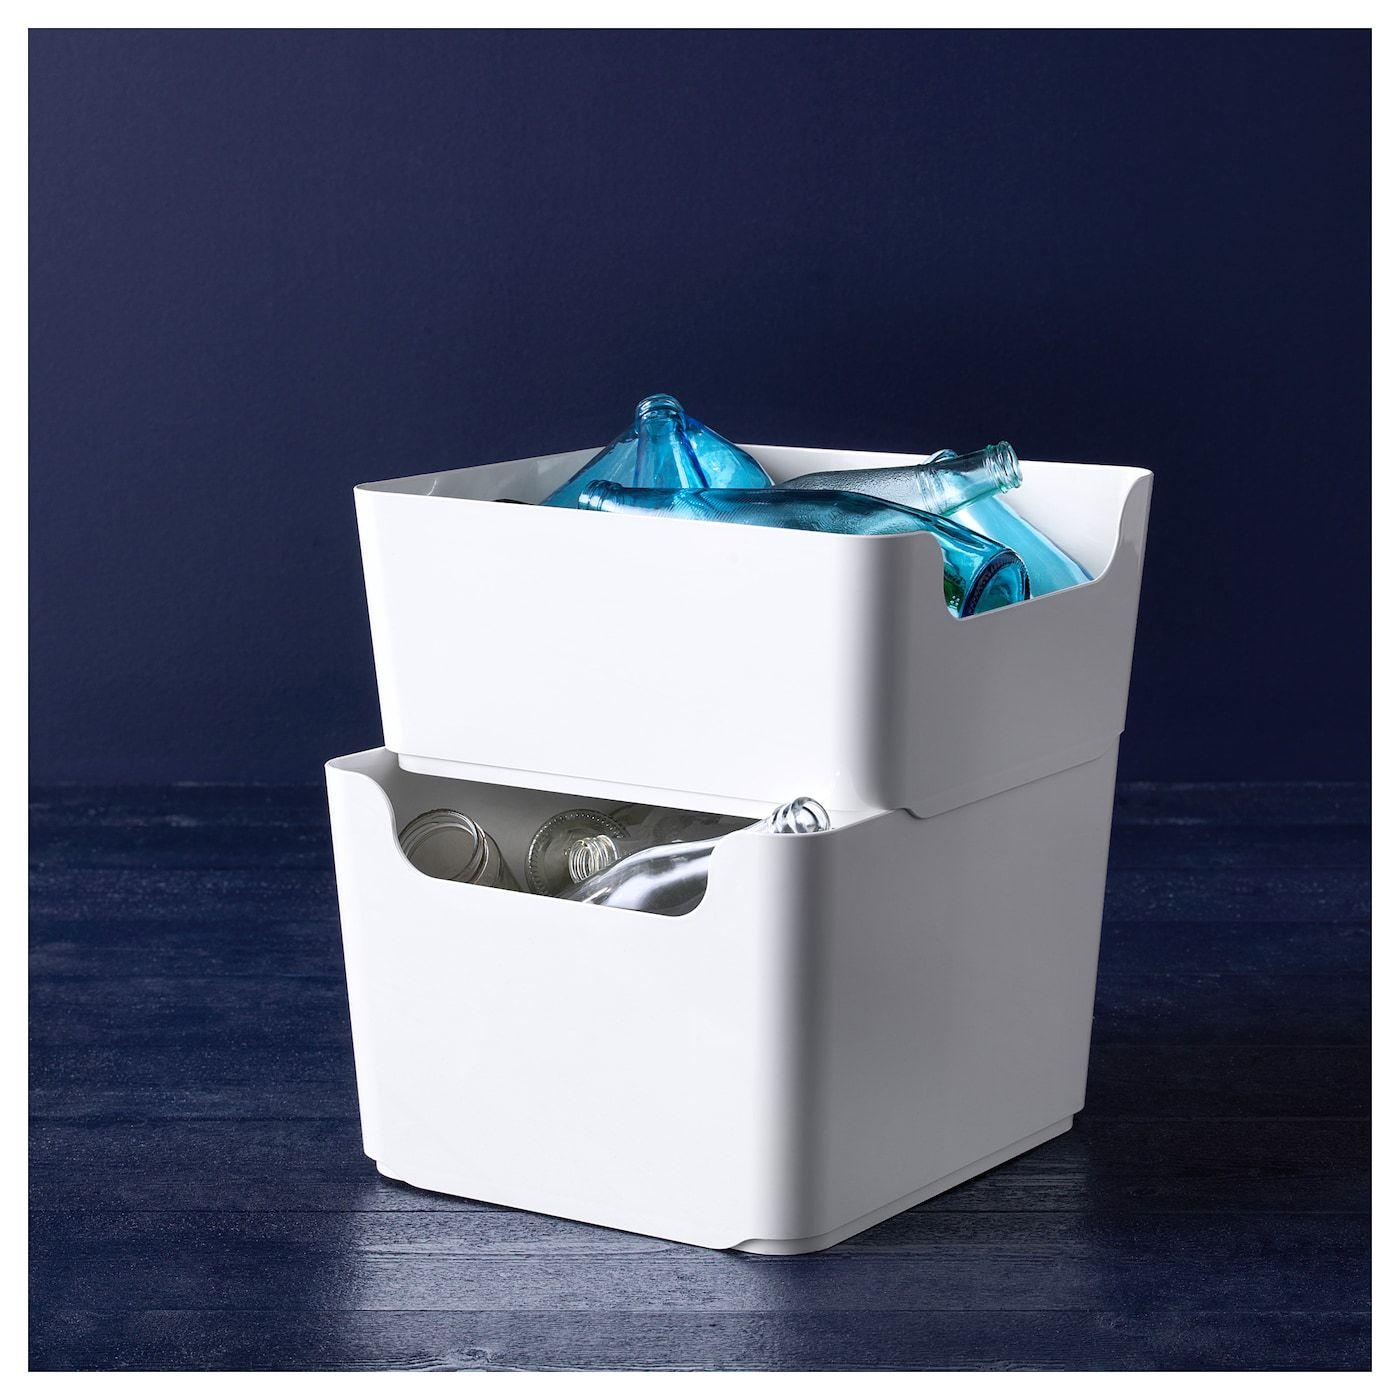 Full Size of Pluggis Behlter Fr Abfalltrennung Wei Ikea Sterreich In Küche Kaufen Miniküche Kosten Doppel Mülleimer Einbau Betten 160x200 Modulküche Bei Sofa Mit Wohnzimmer Auszug Mülleimer Ikea